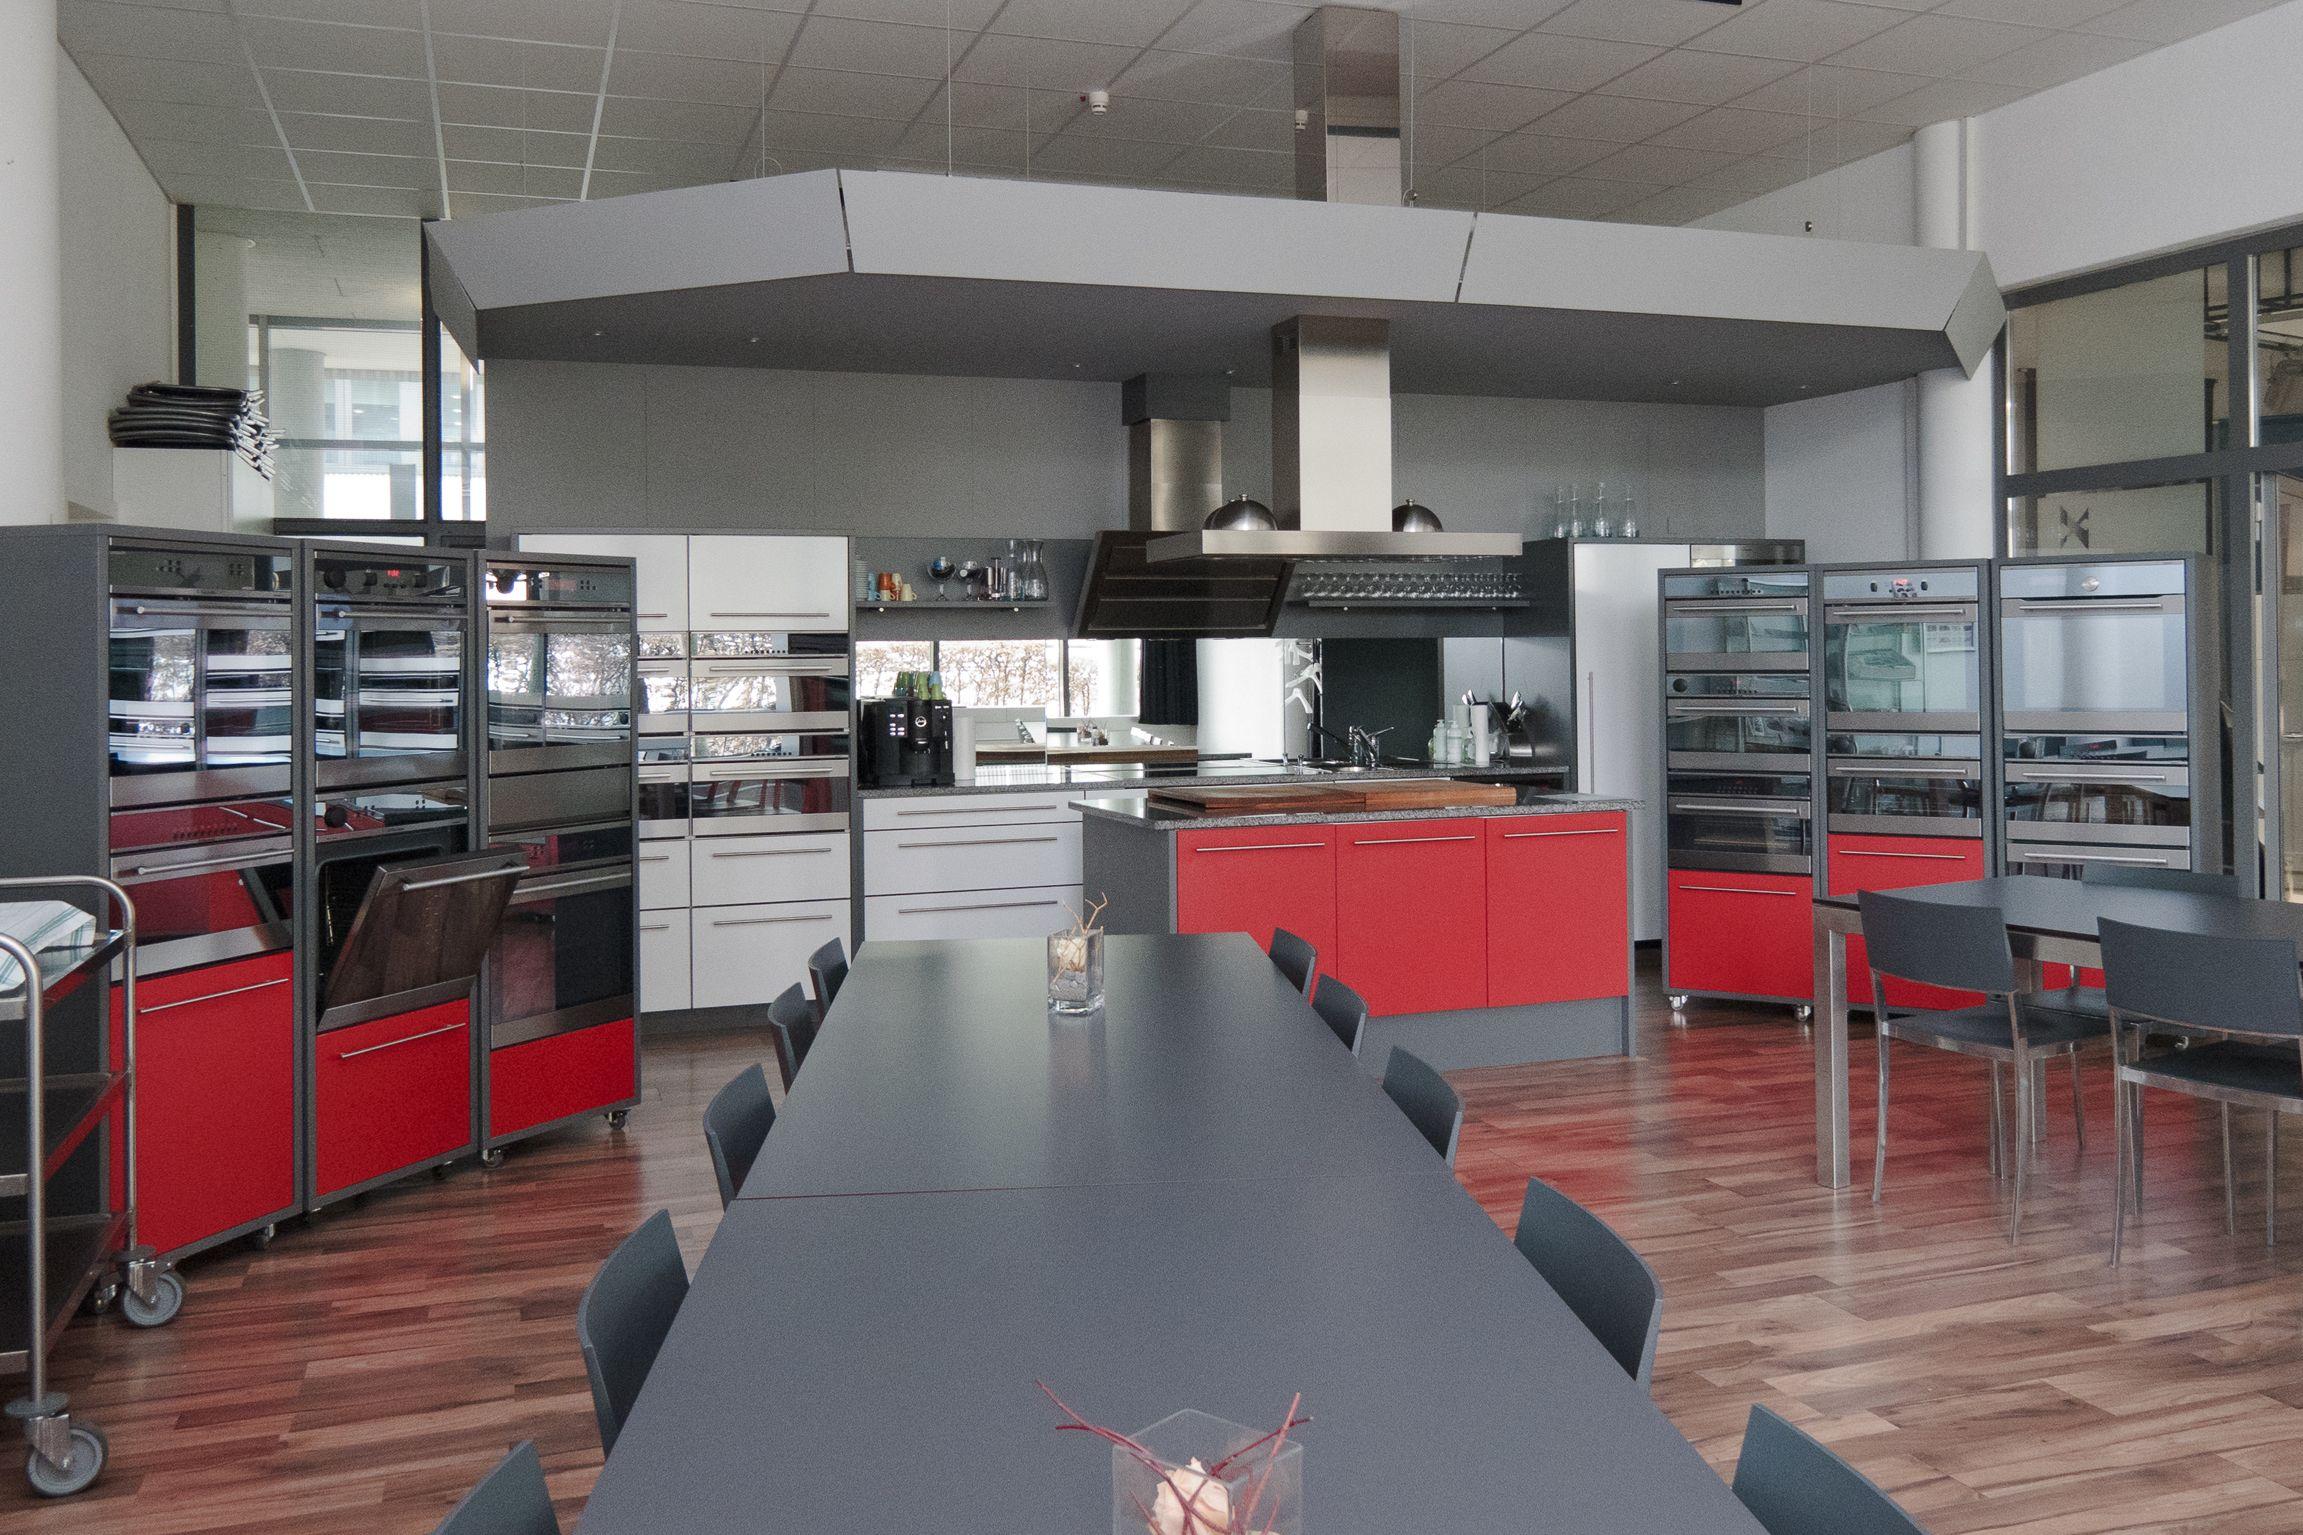 Kostenlose Kochseminar bieten dir die Möglichkeit, den Kombibackofen Profi Steam zu erleben. Besuche uns einfach im Electrolux Kunden Center in Bern. https://www.facebook.com/pages/Electrolux-Kunden-Center-Bern/401454703246729